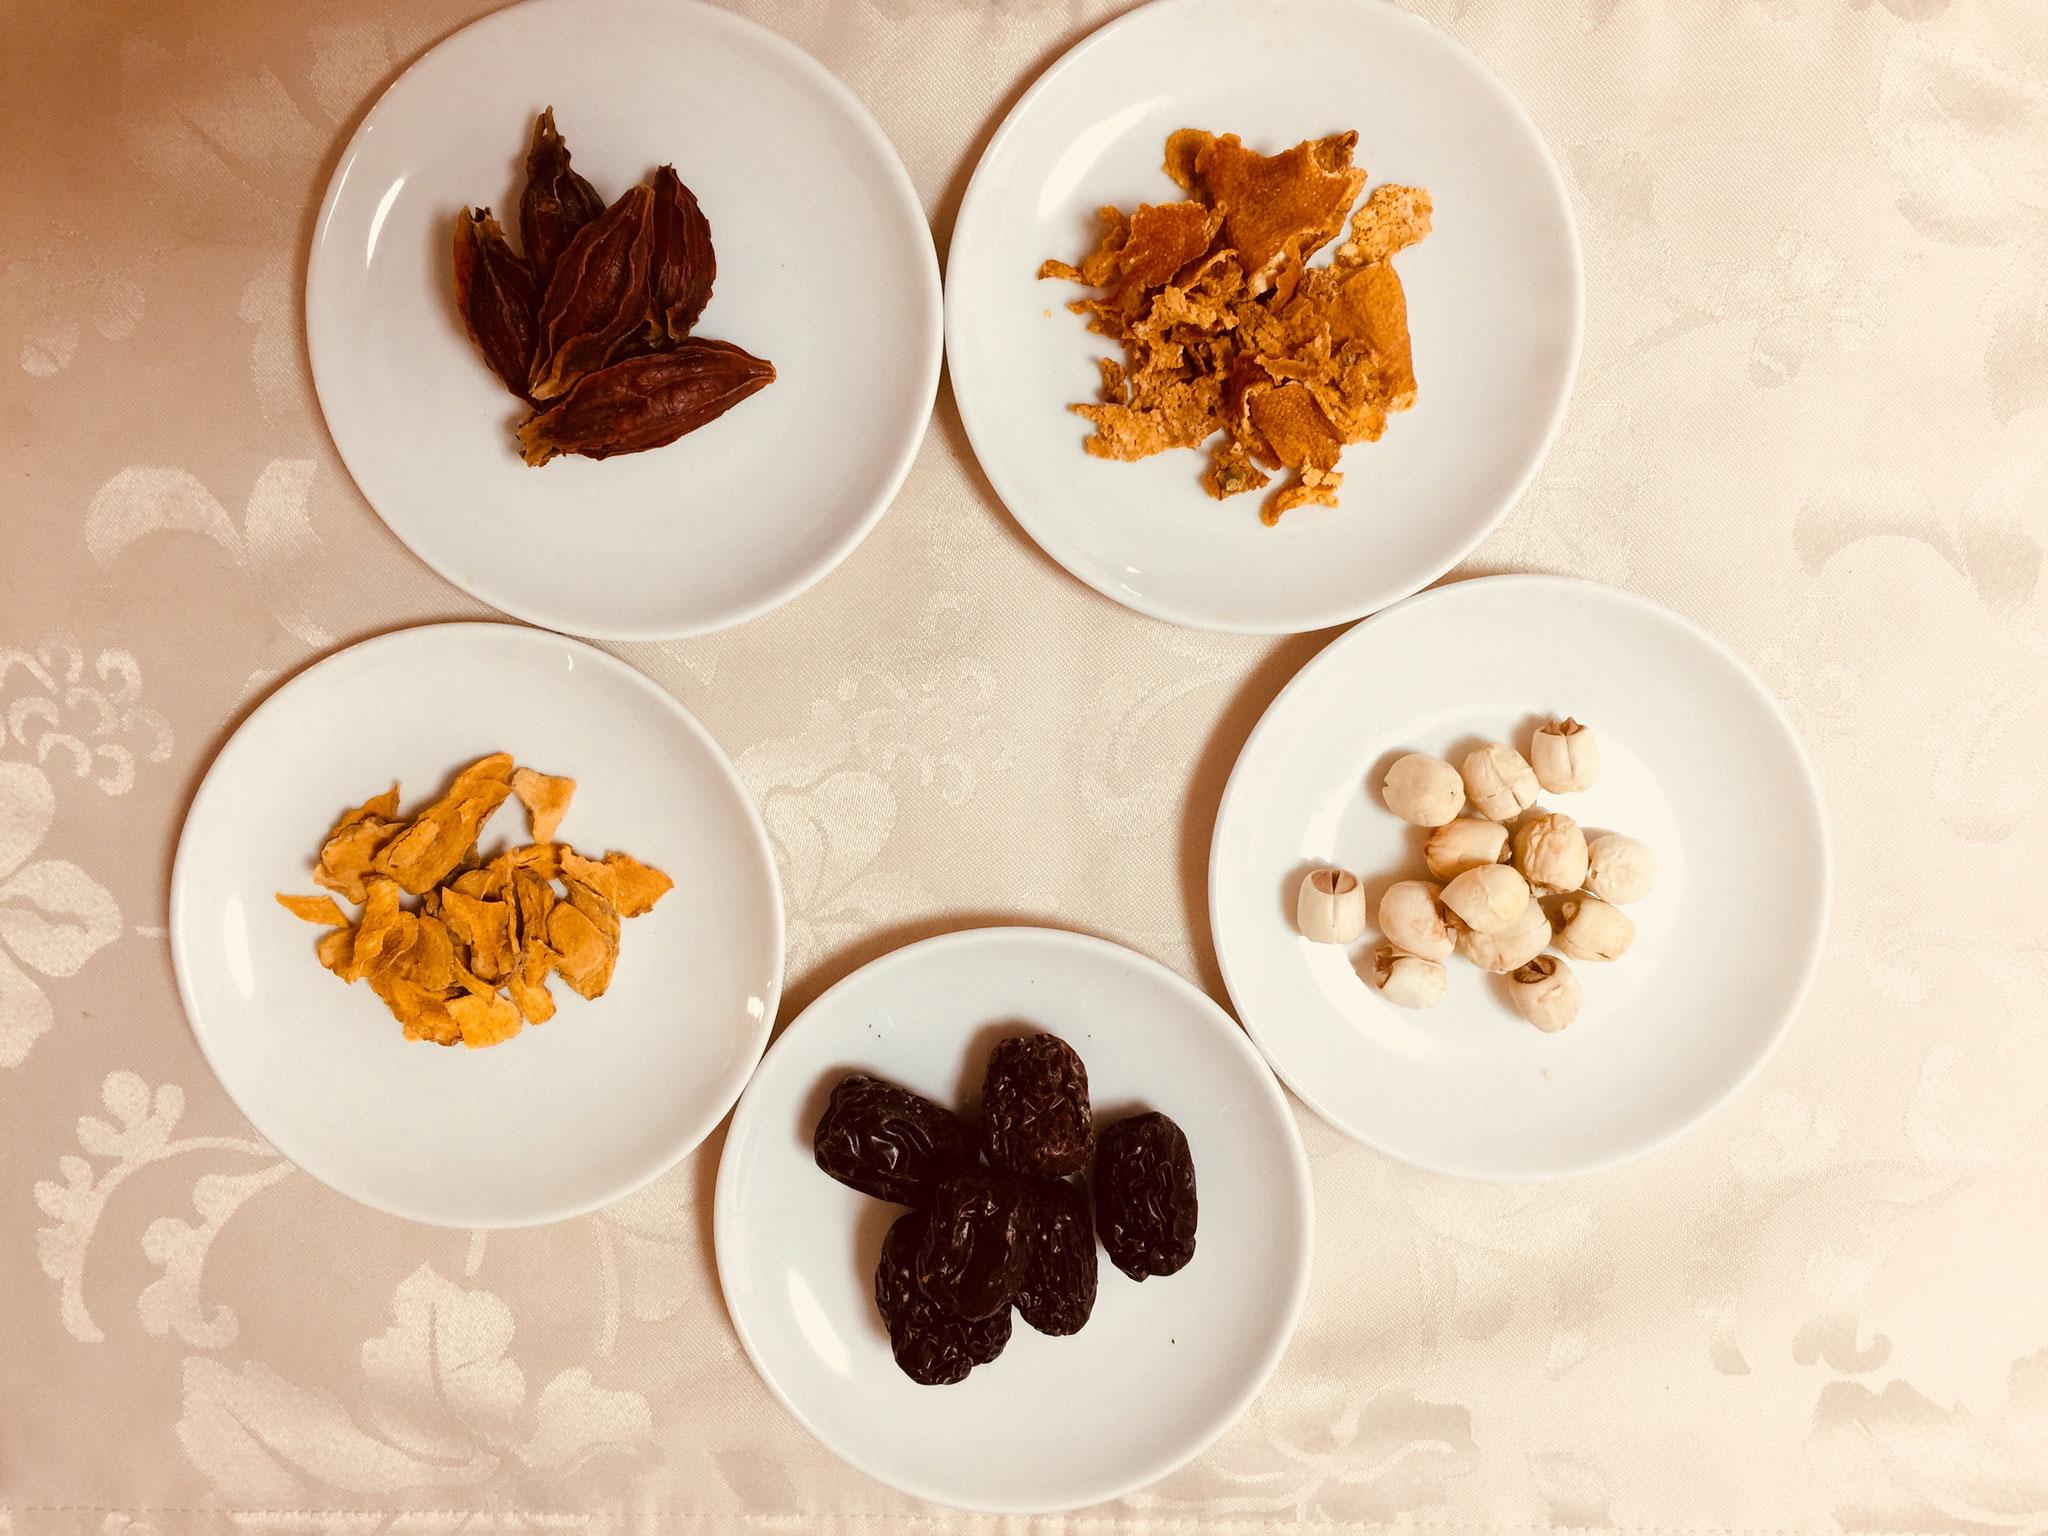 薬膳ごはんにおすすめ食材(中薬)